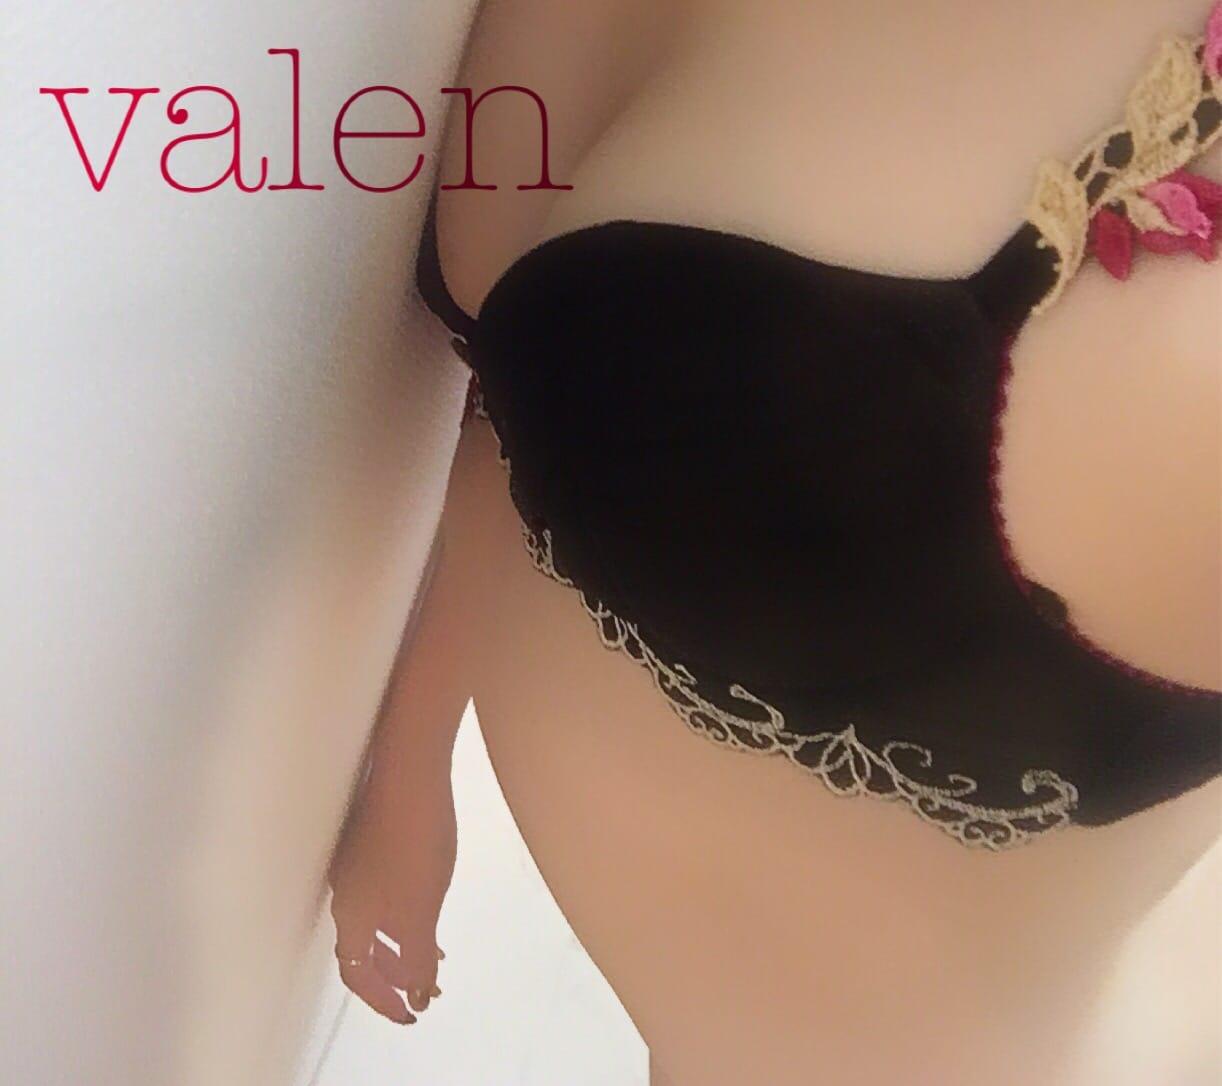 「向かいます☆」01/21(01/21) 22:08 | VALEN/バレンの写メ・風俗動画